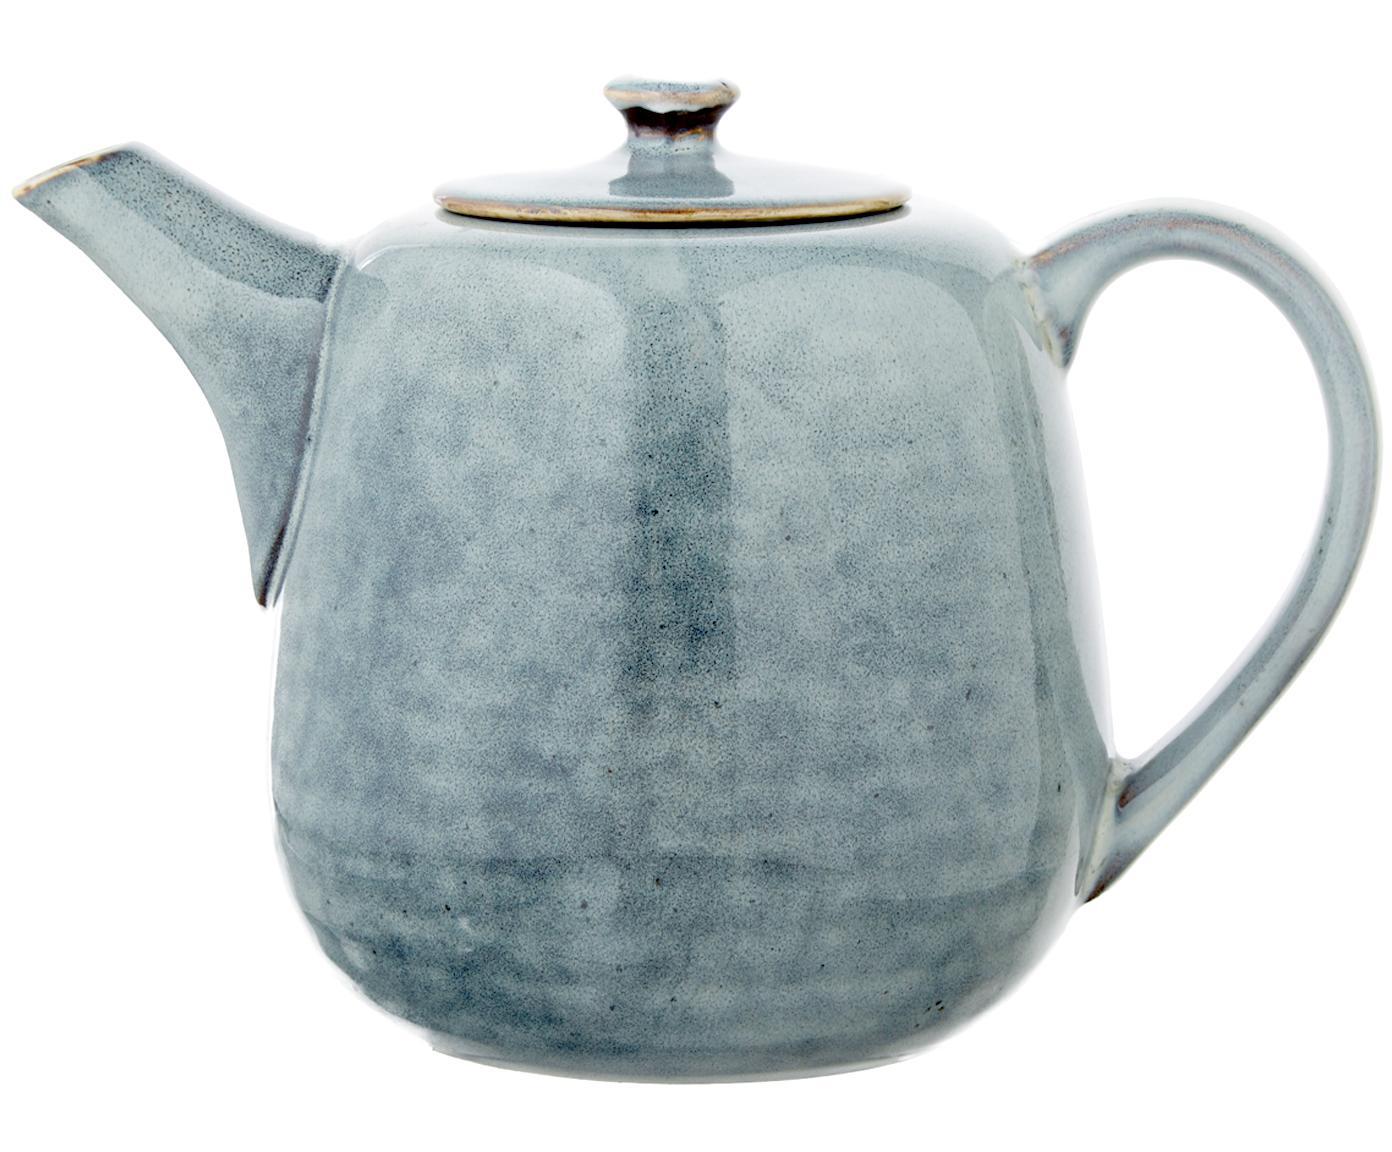 Handgemachte Teekanne Nordic Sea aus Steingut, Steingut, Grau- und Blautöne, 1.3 L